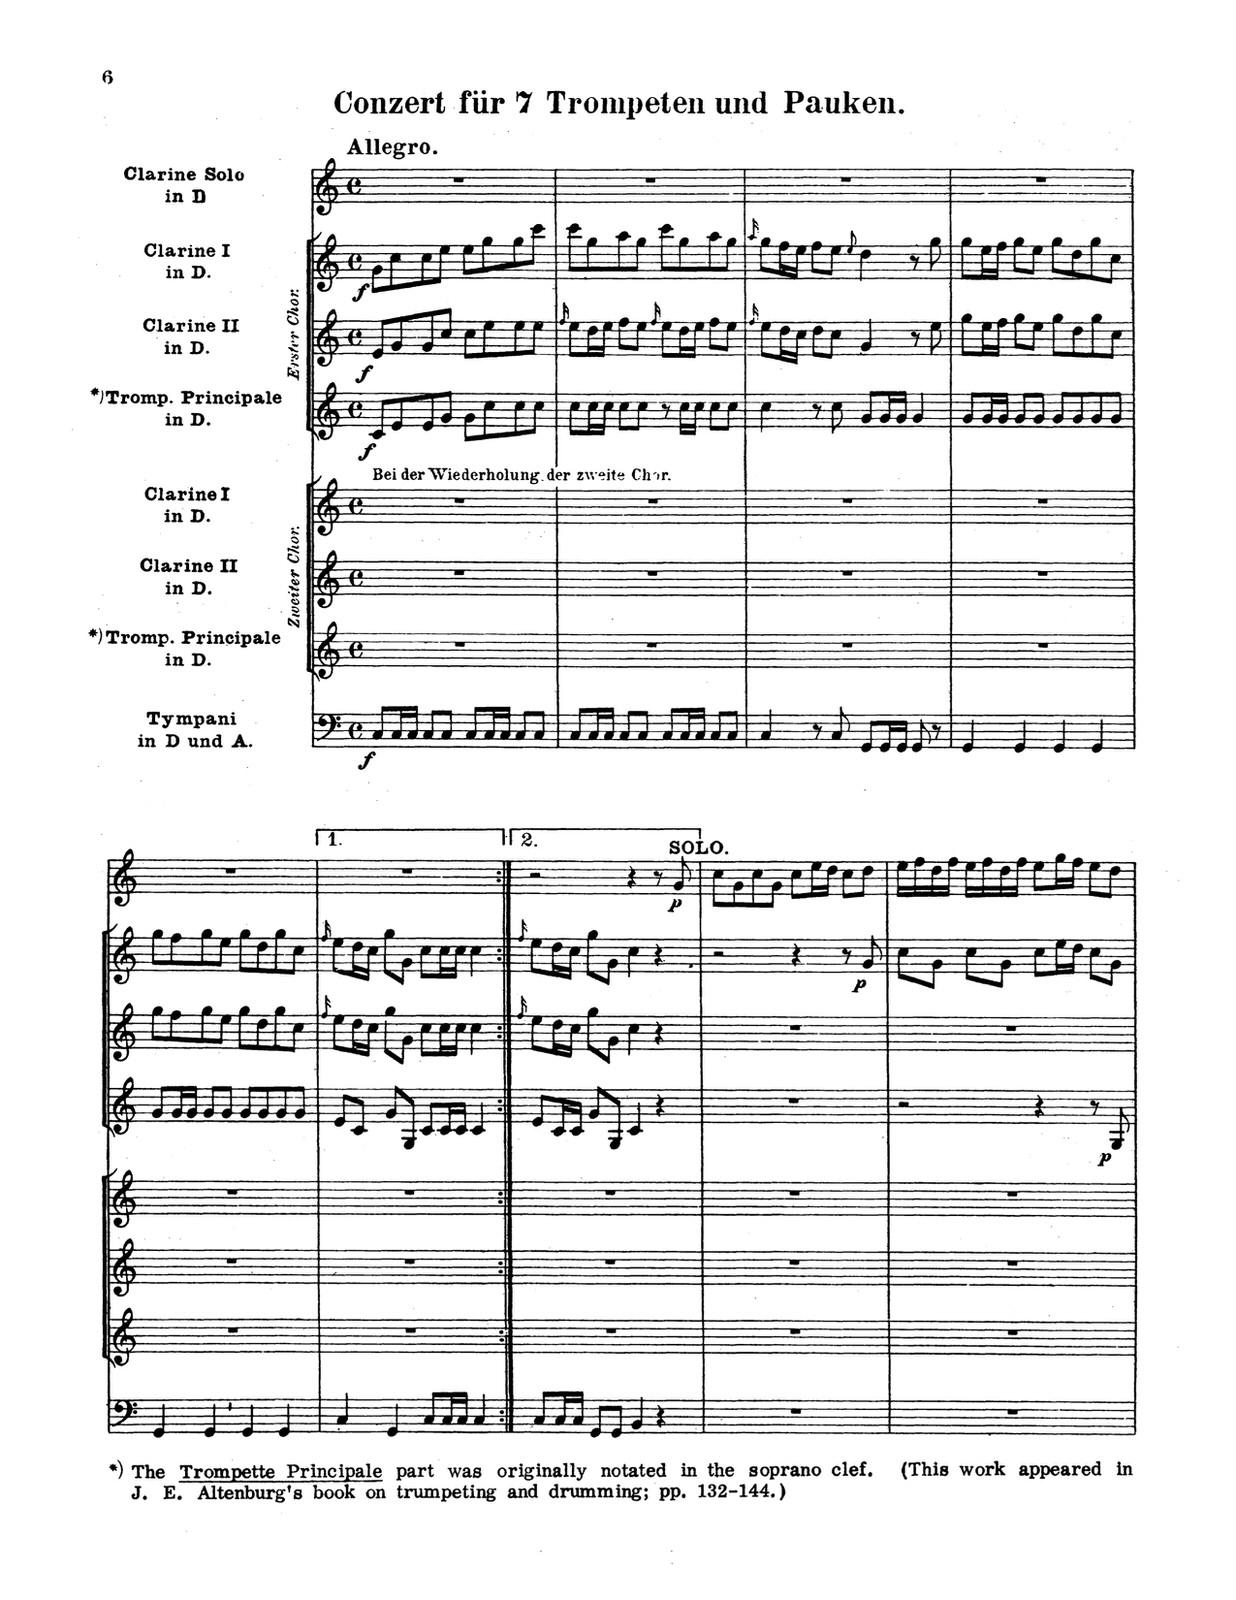 Pietzsch, The Trumpet 5